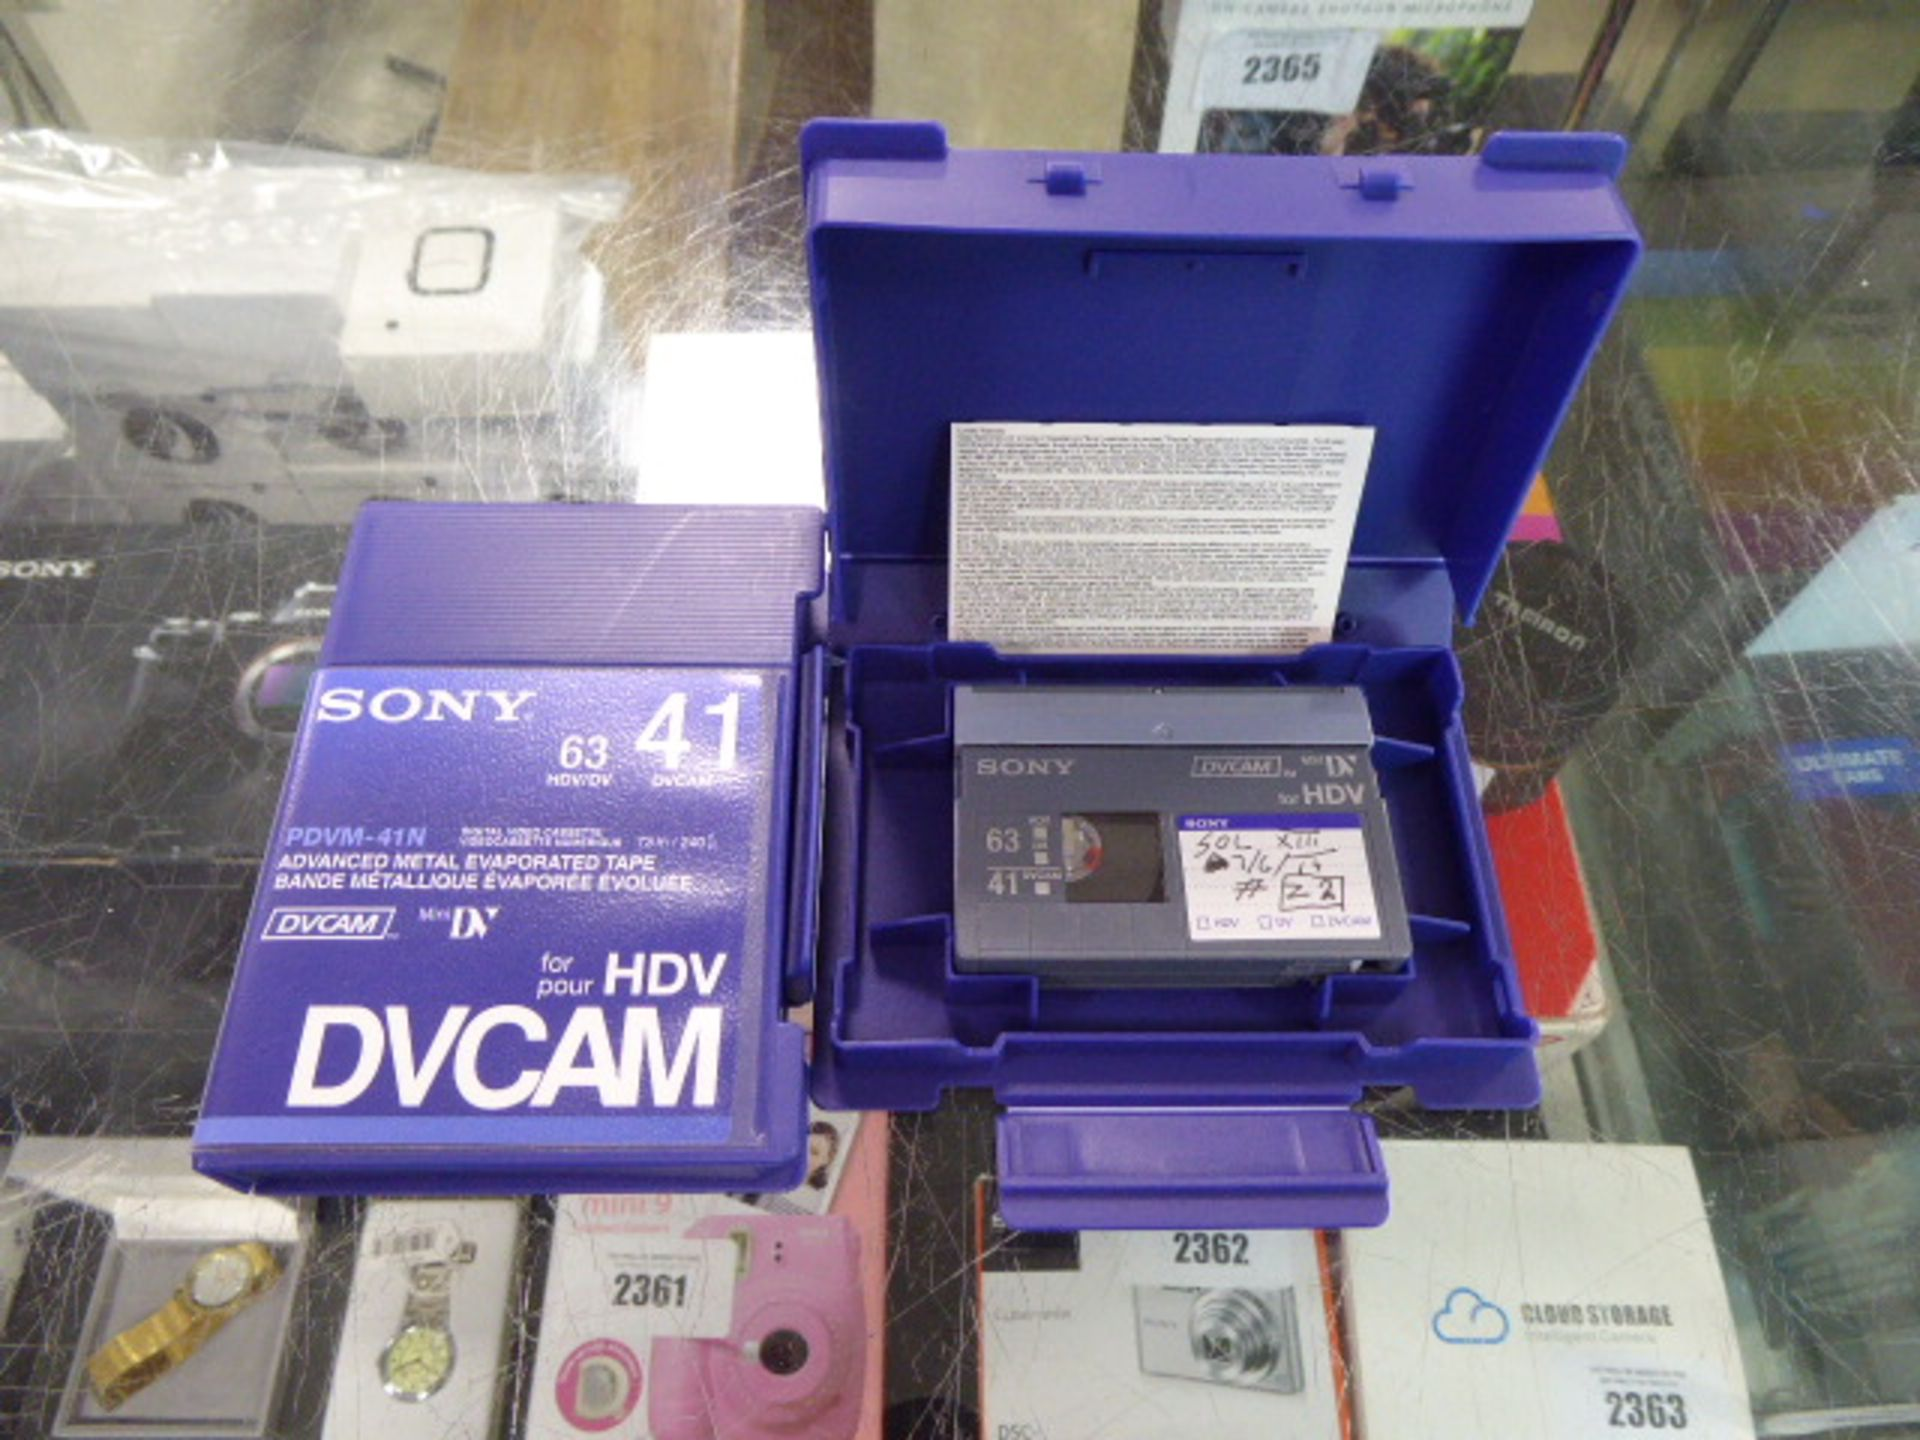 Lot 2395 - 4 packs of Sony HDV DV cam cassettes